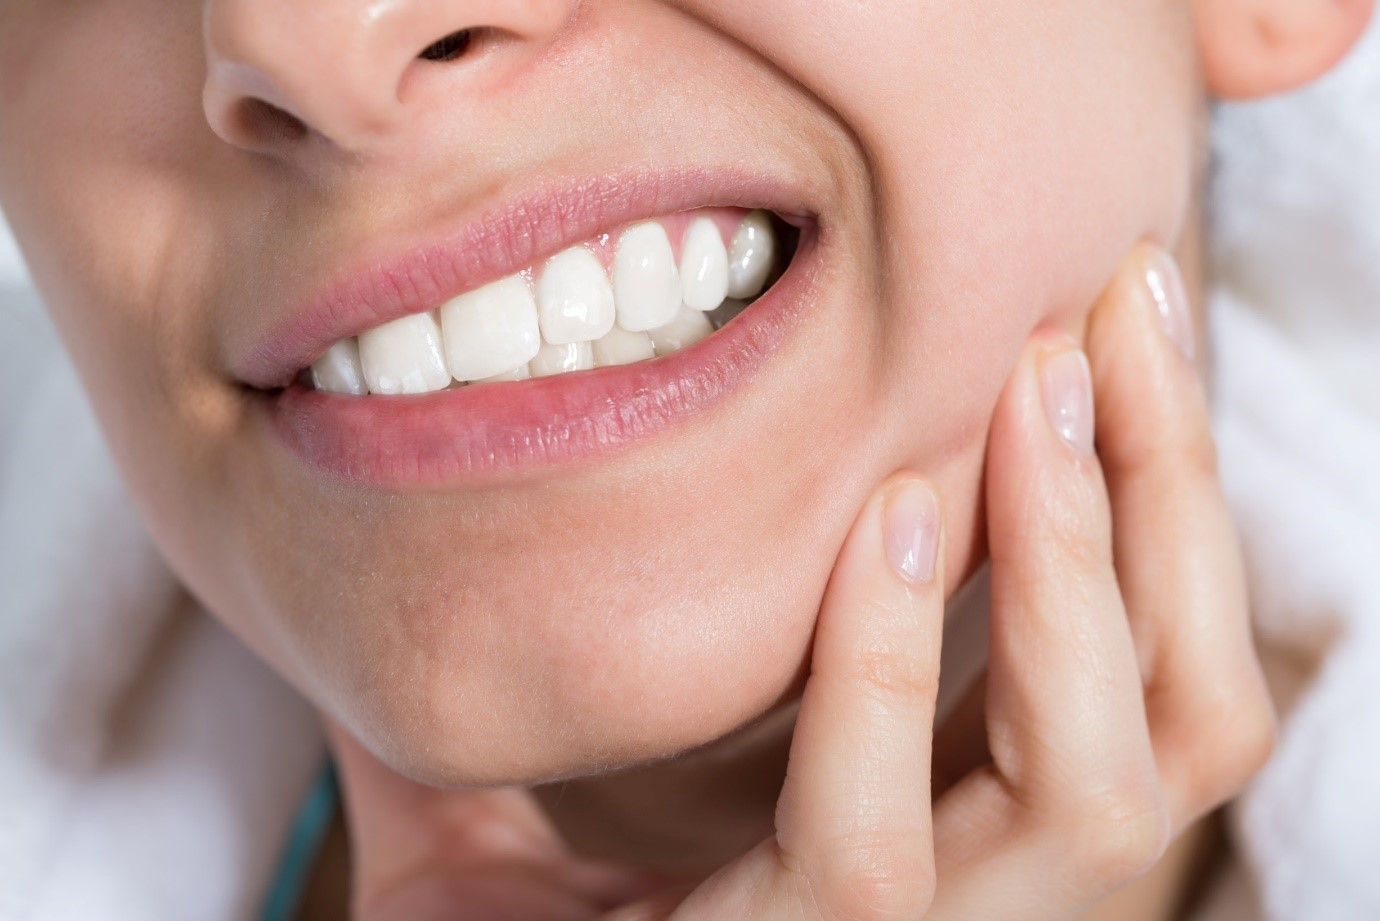 """Kết quả hình ảnh cho Vì sao cần điều trị viêm tủy răng?"""""""